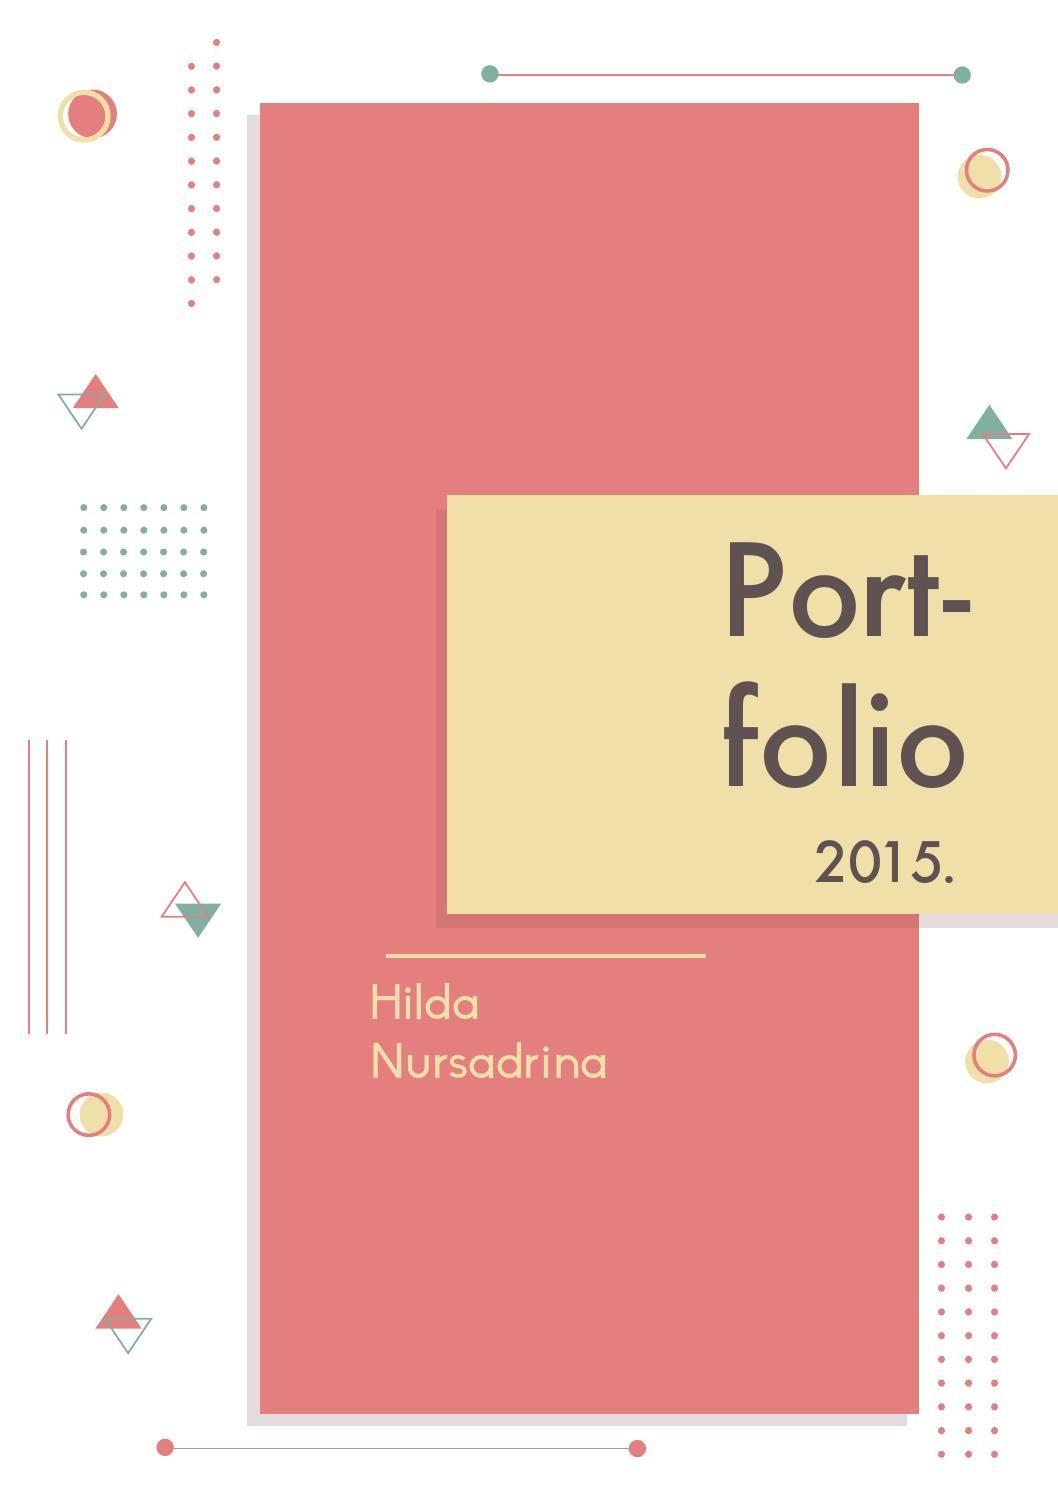 Portfolio hilda nursadrina | Portafolio, Inspiración de diseño y ...